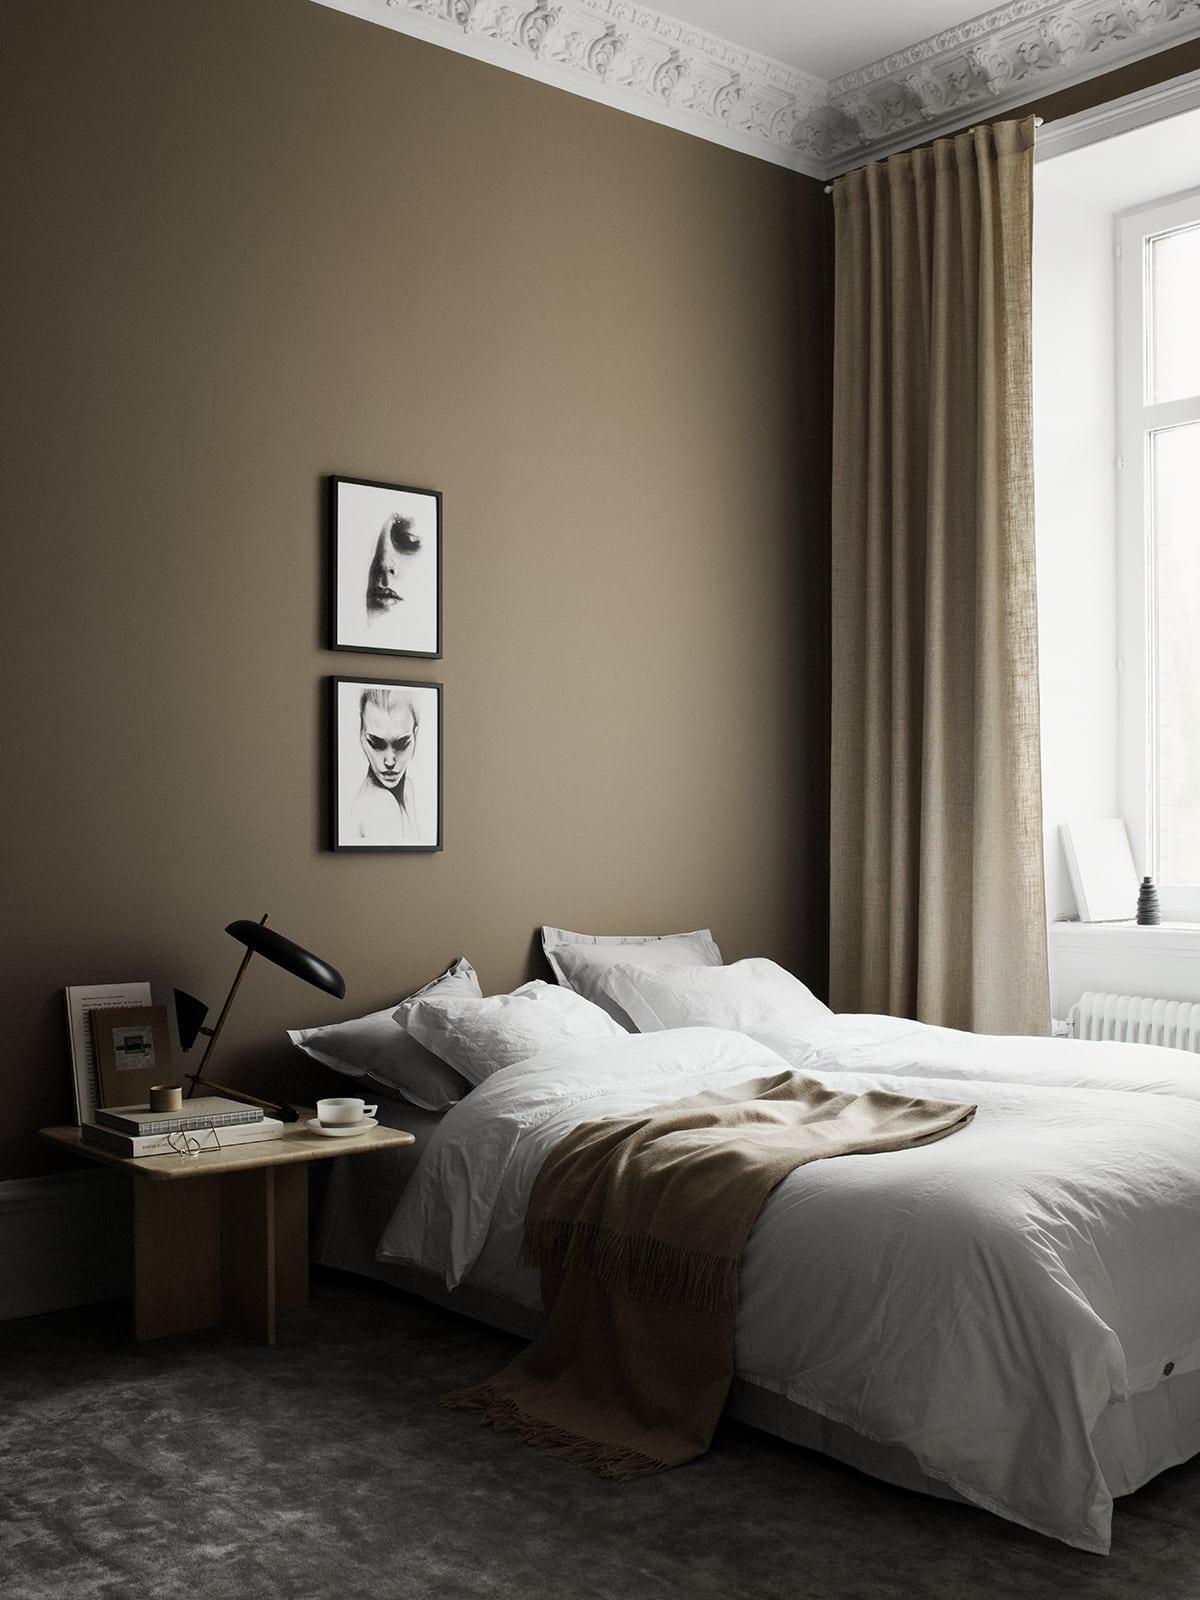 Sundling kick n for in my corner coco lapine designcoco lapine design - Colores de pintura para habitacion ...